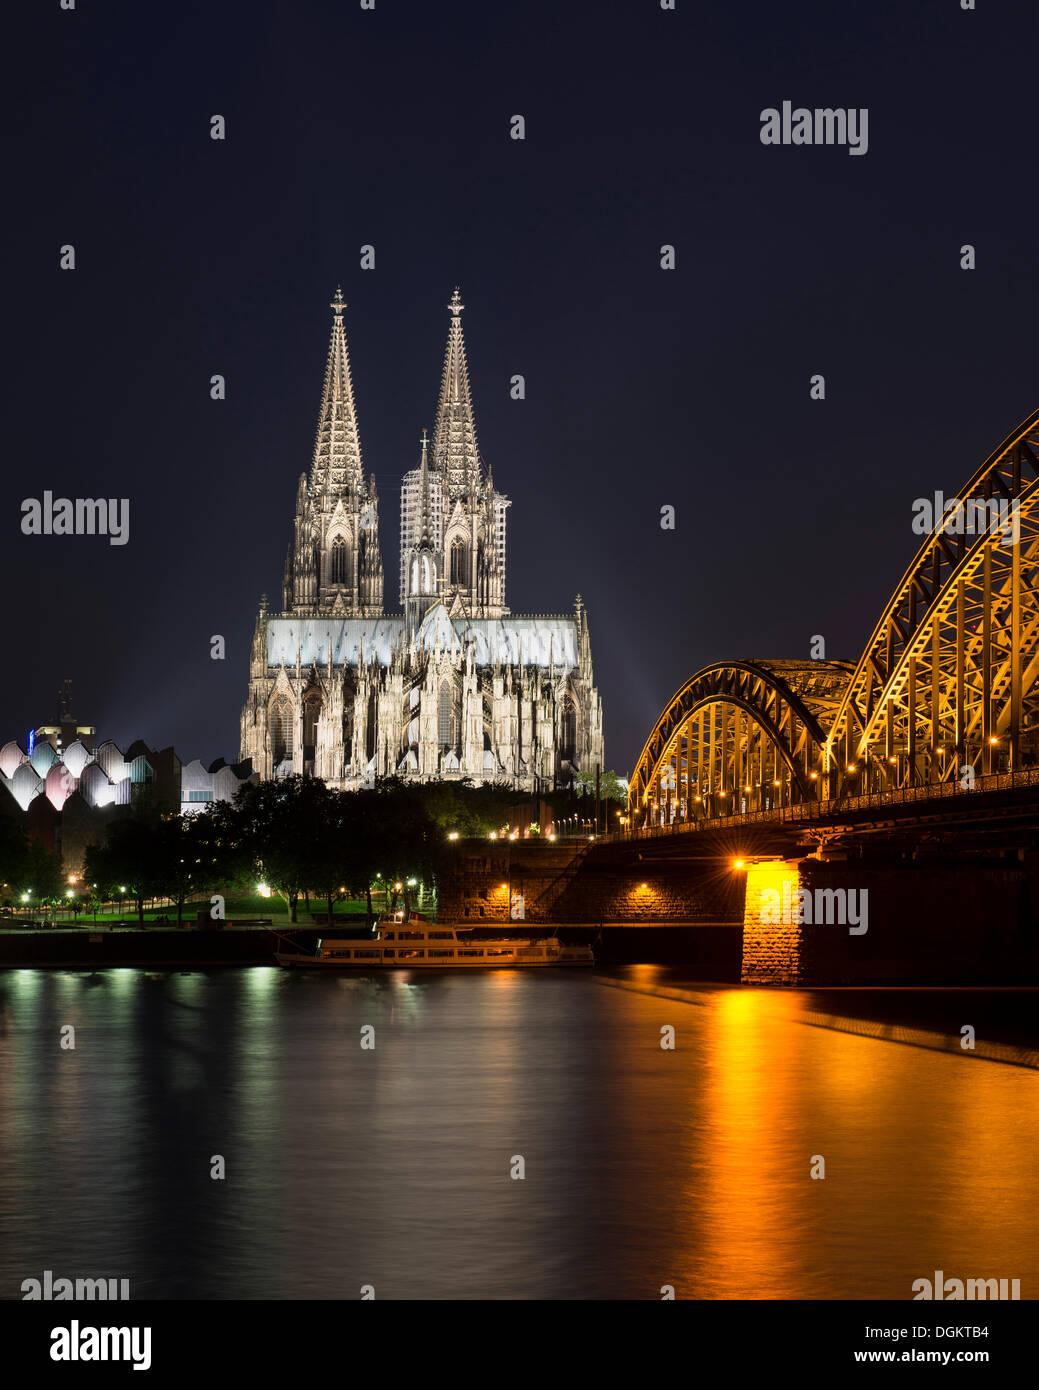 Vista desde Cologne-Deutz el Wallraf-Richartz-Museum, Koelner Dom, la catedral de Colonia y el Puente de Deutz, por la noche, Colonia Imagen De Stock